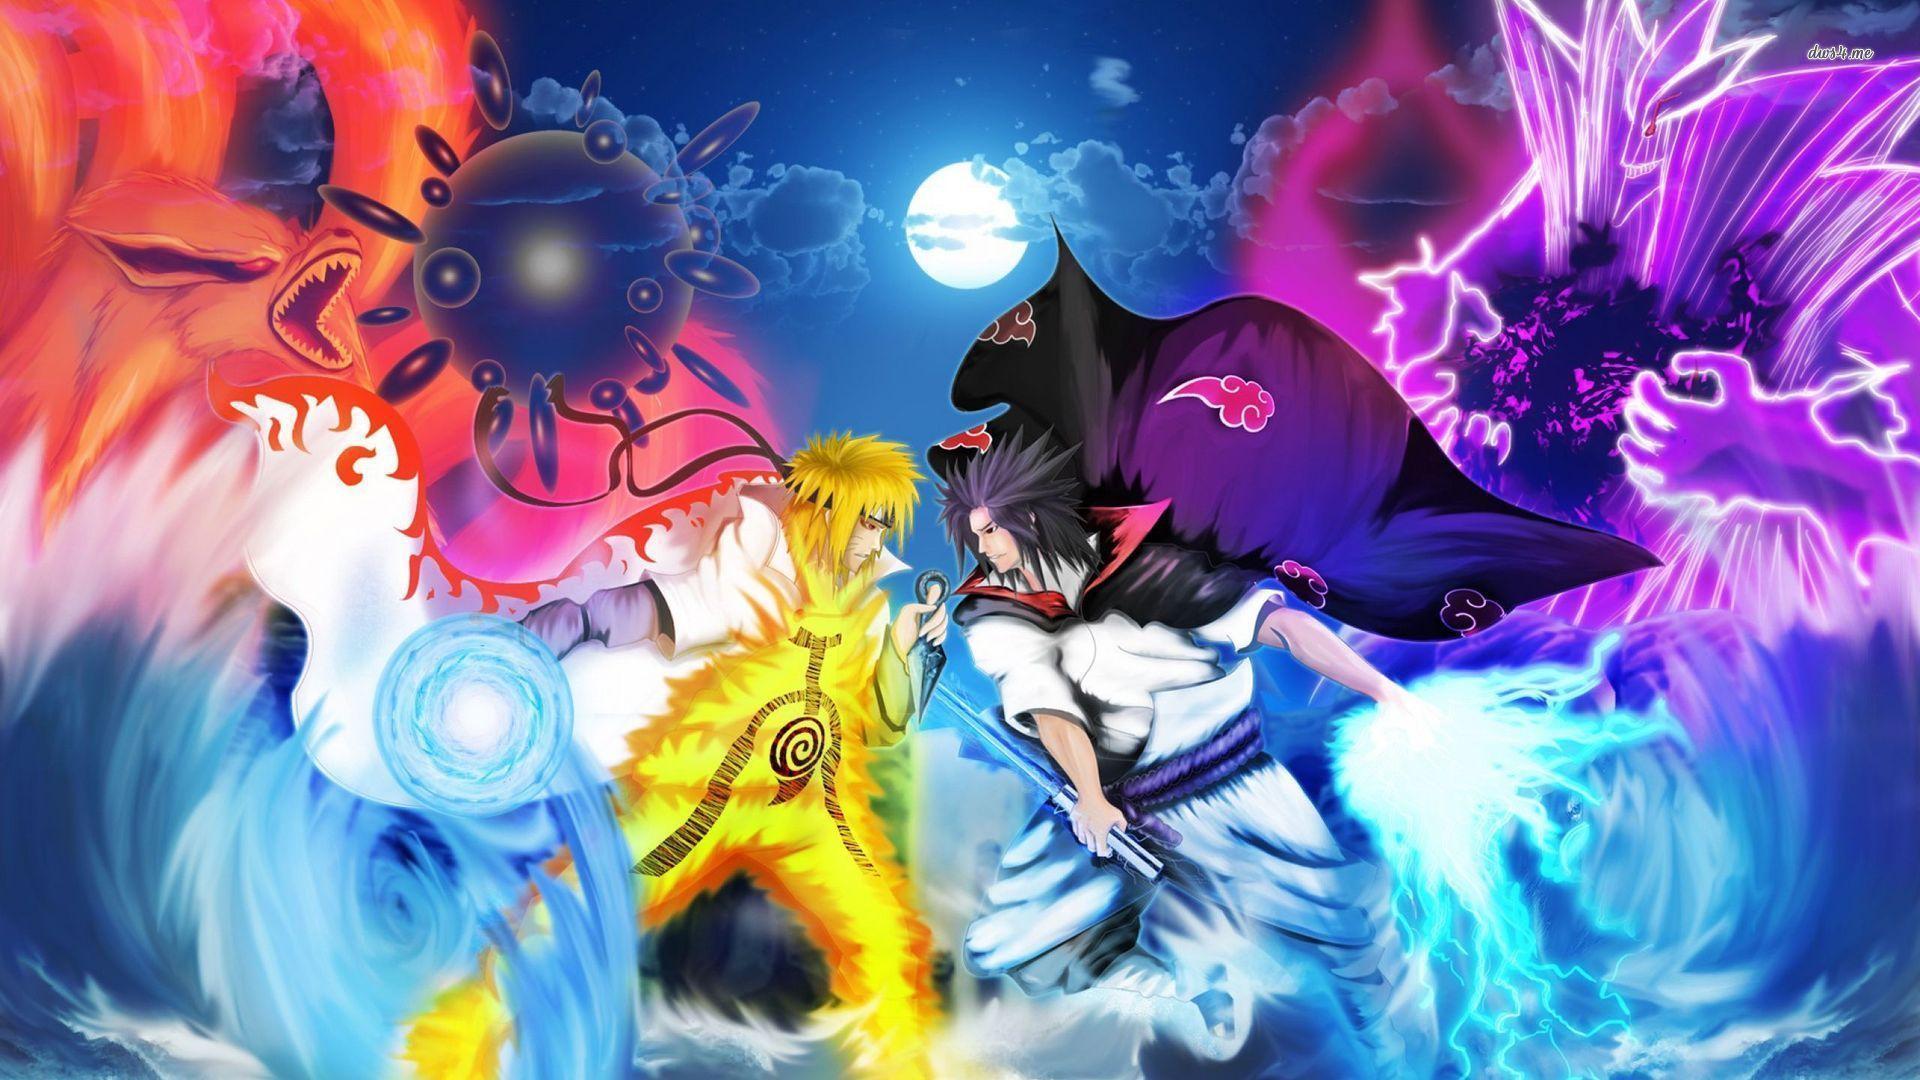 Free Download Naruto Vs Sasuke Wallpapers 1920x1080 For Your